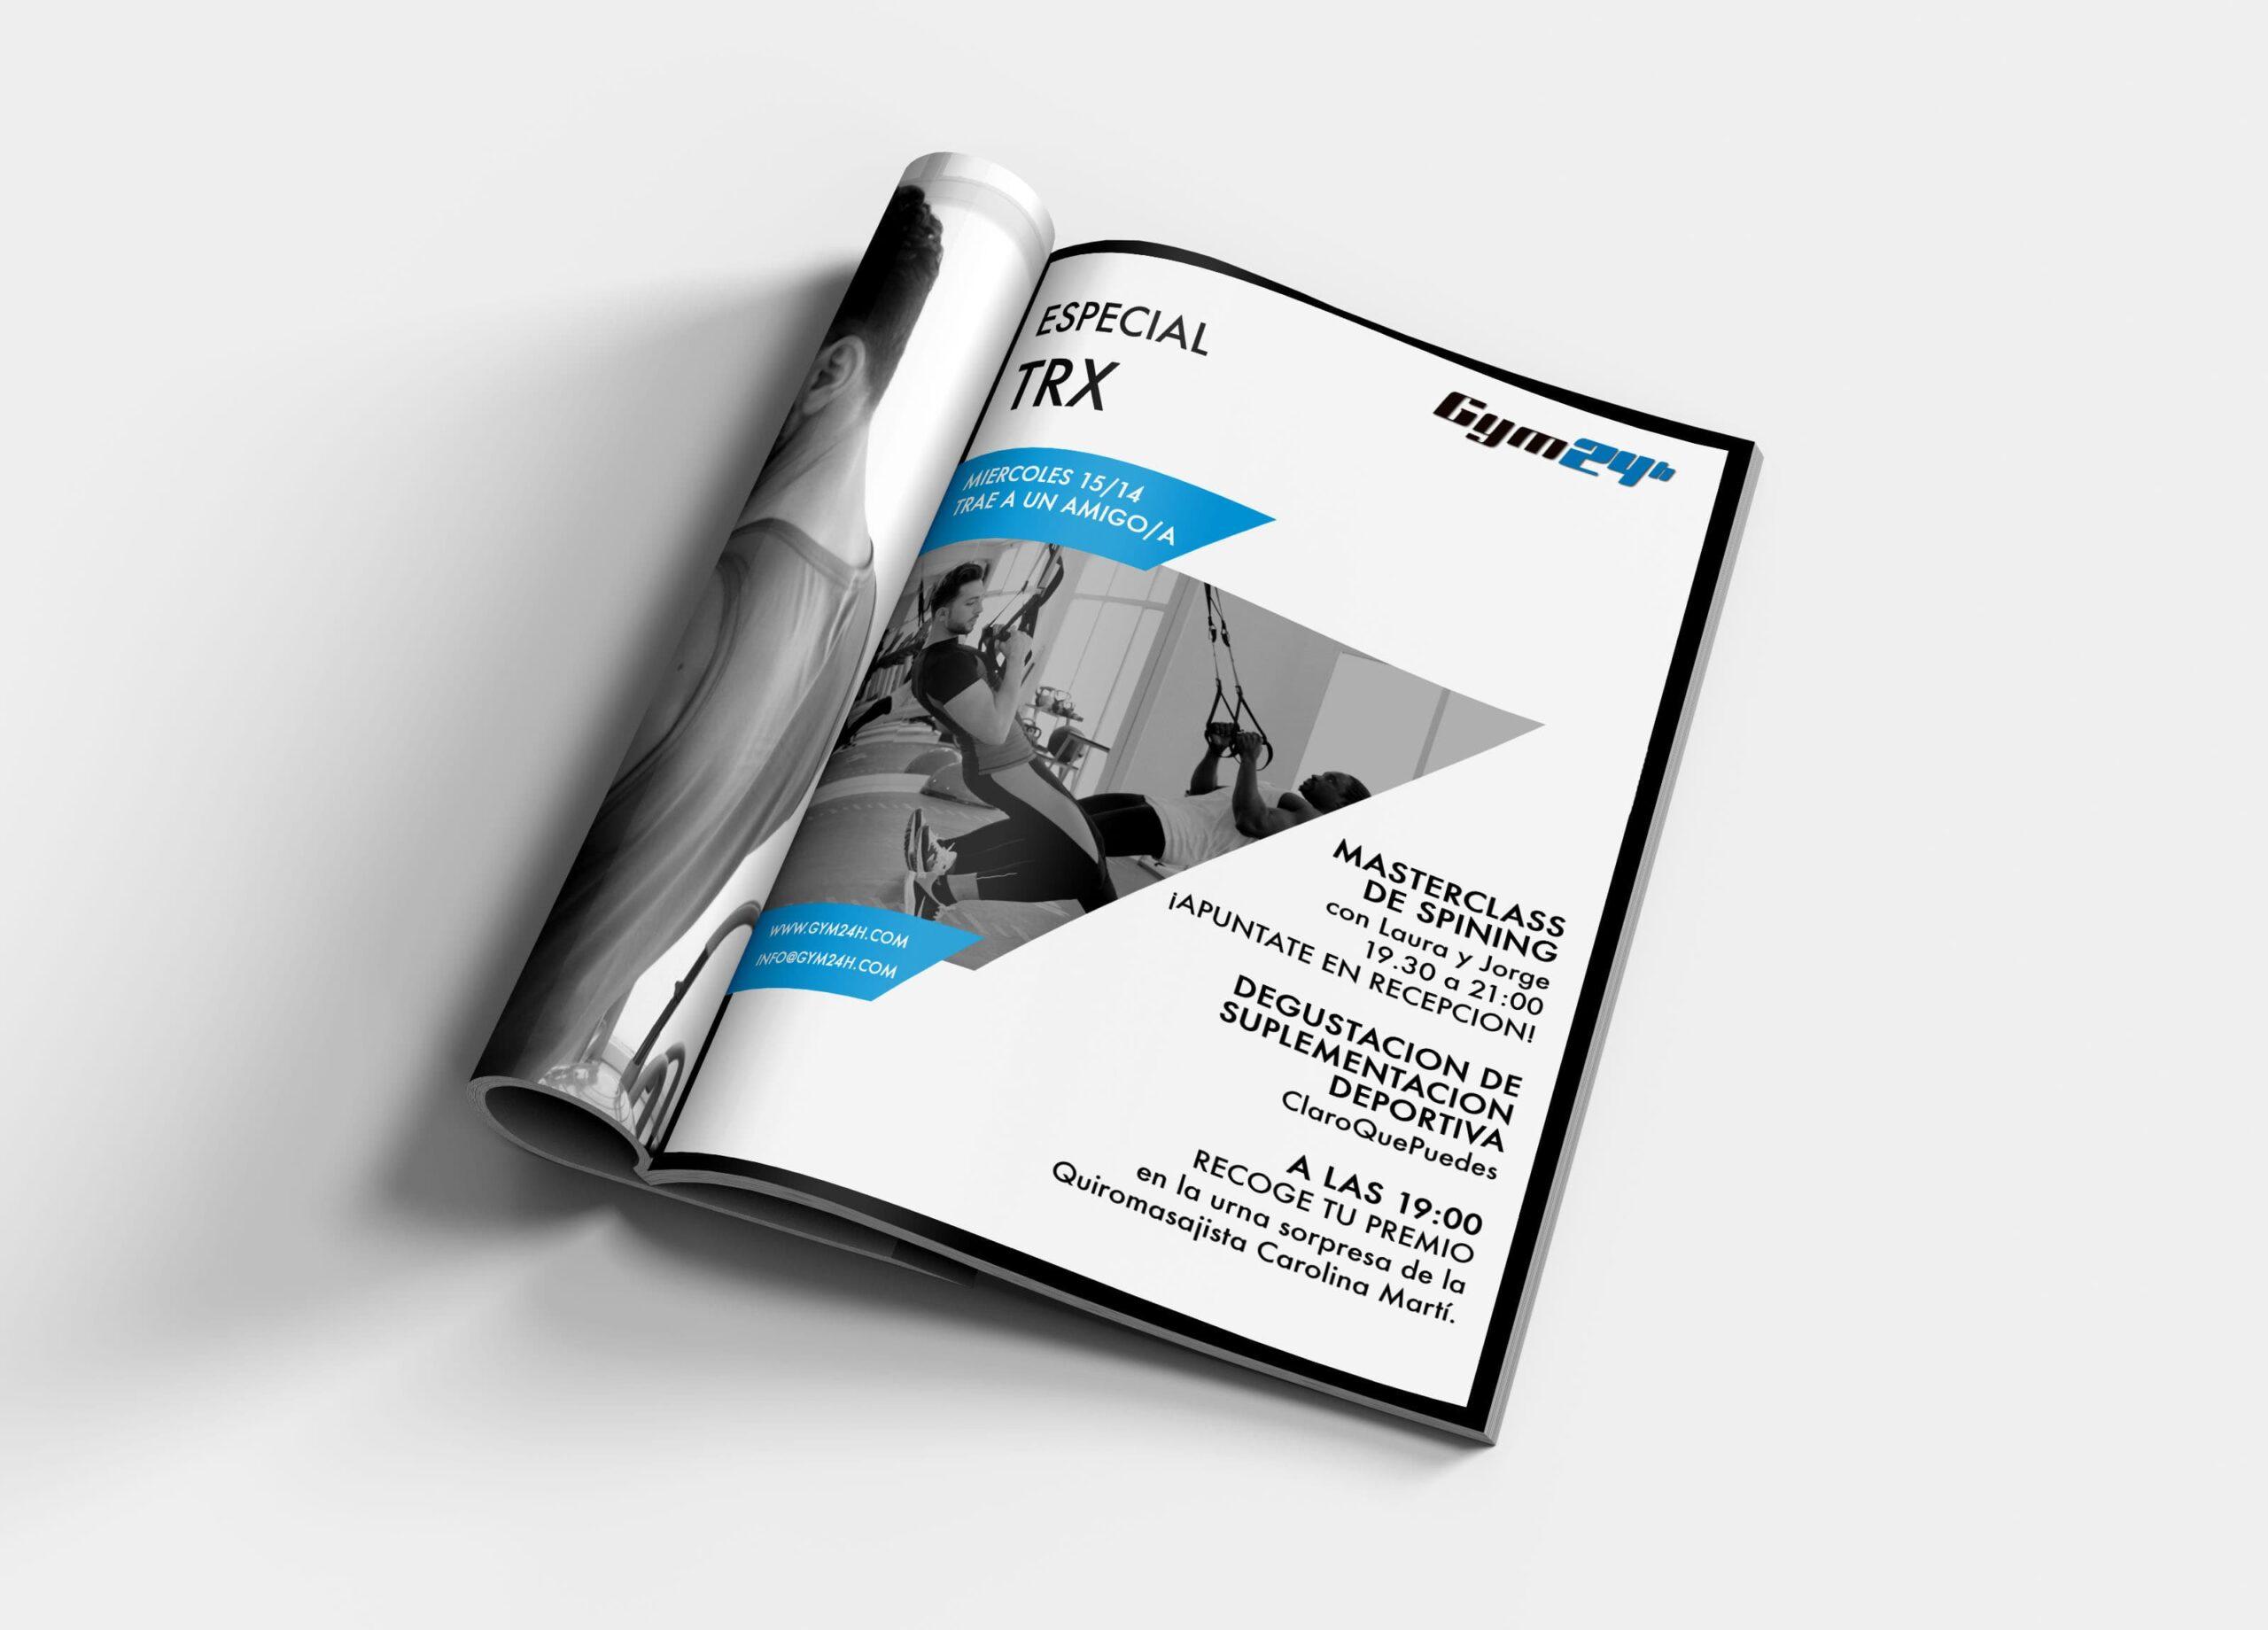 Diseño-anuncio-premsa-joan-ibanez-tavernes